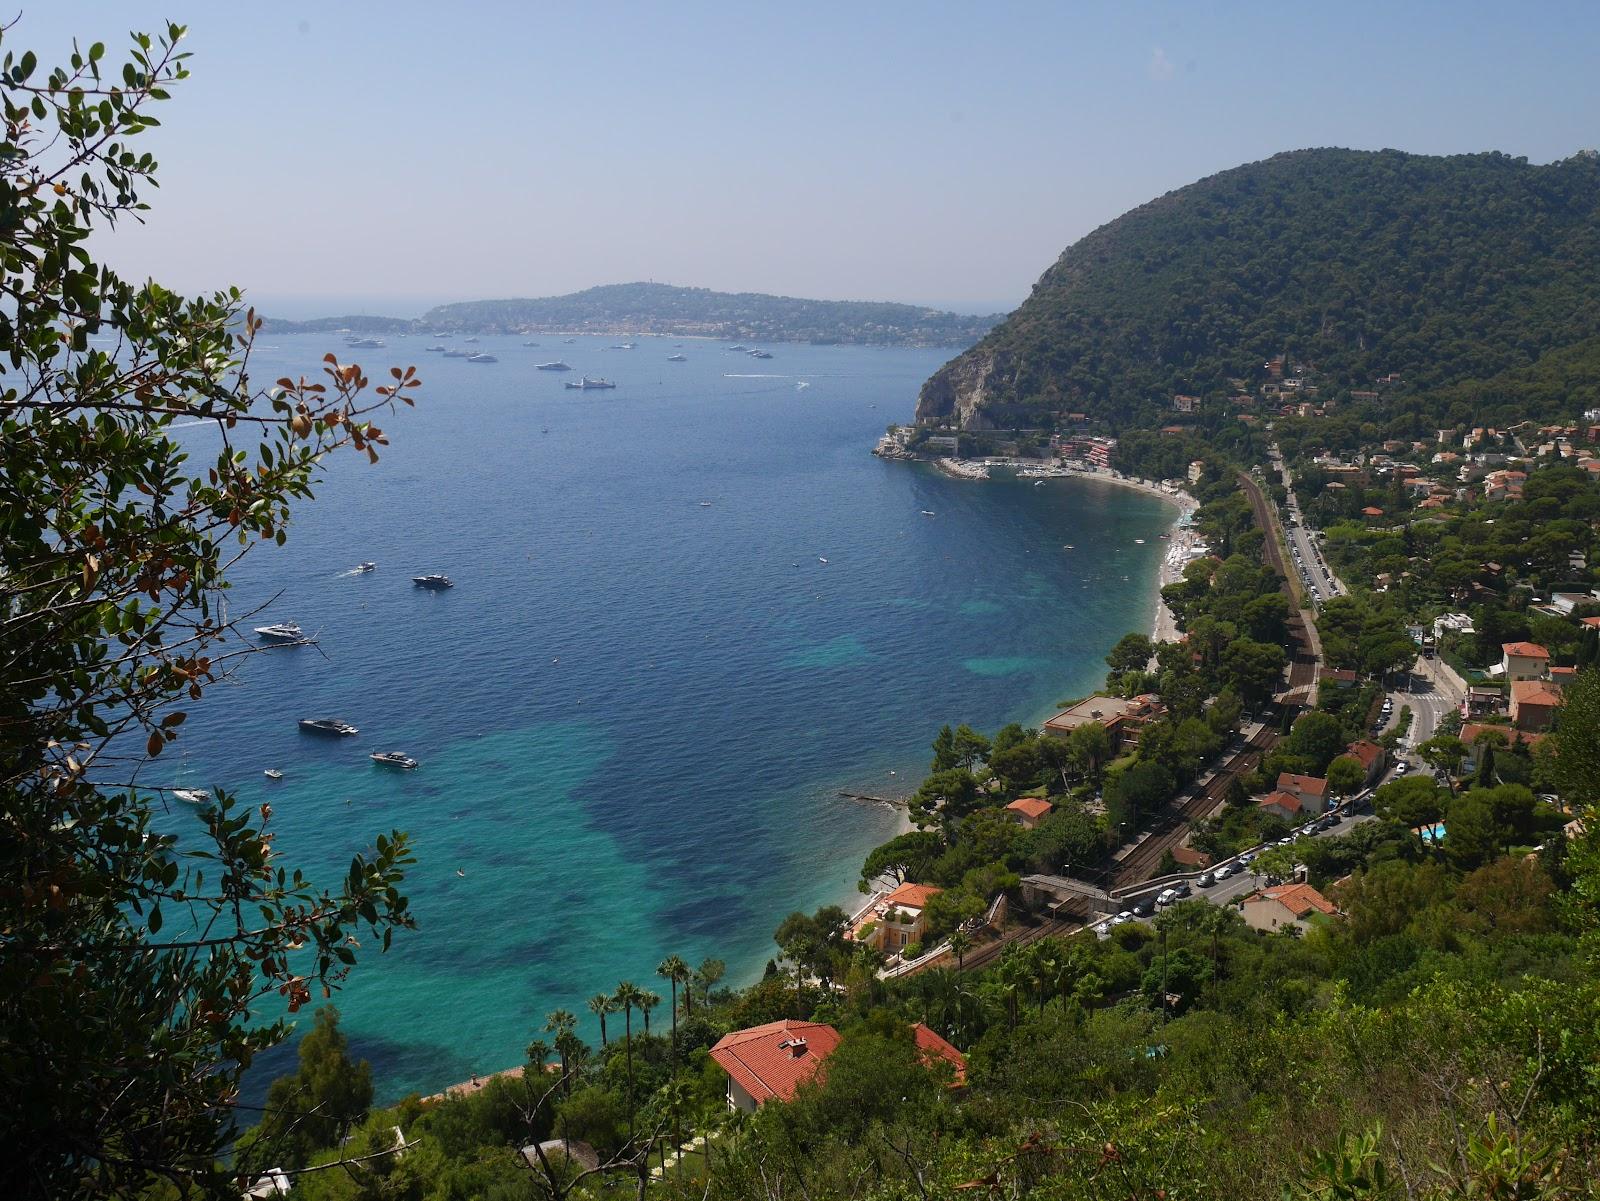 Eze beach/ houses; Côte d'Azur